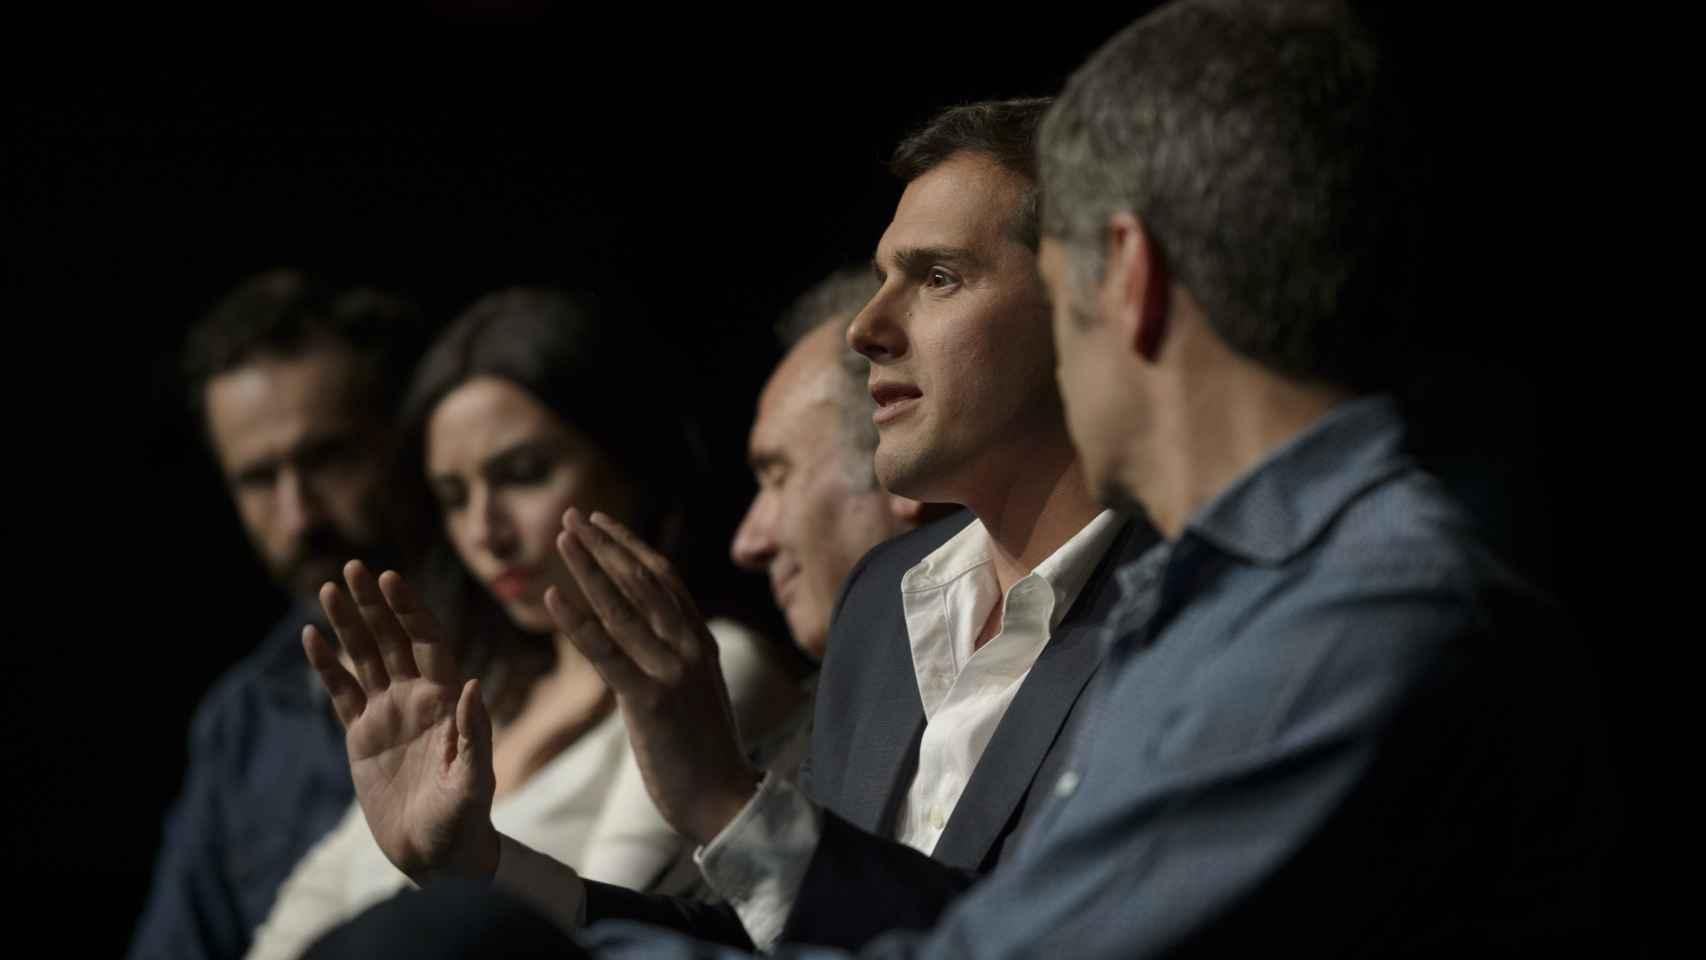 De izquierda a derecha: los actores Pepe Ocio, Marta Flich y Philip Rogers, y Albert Rivera y Toni Cantó.